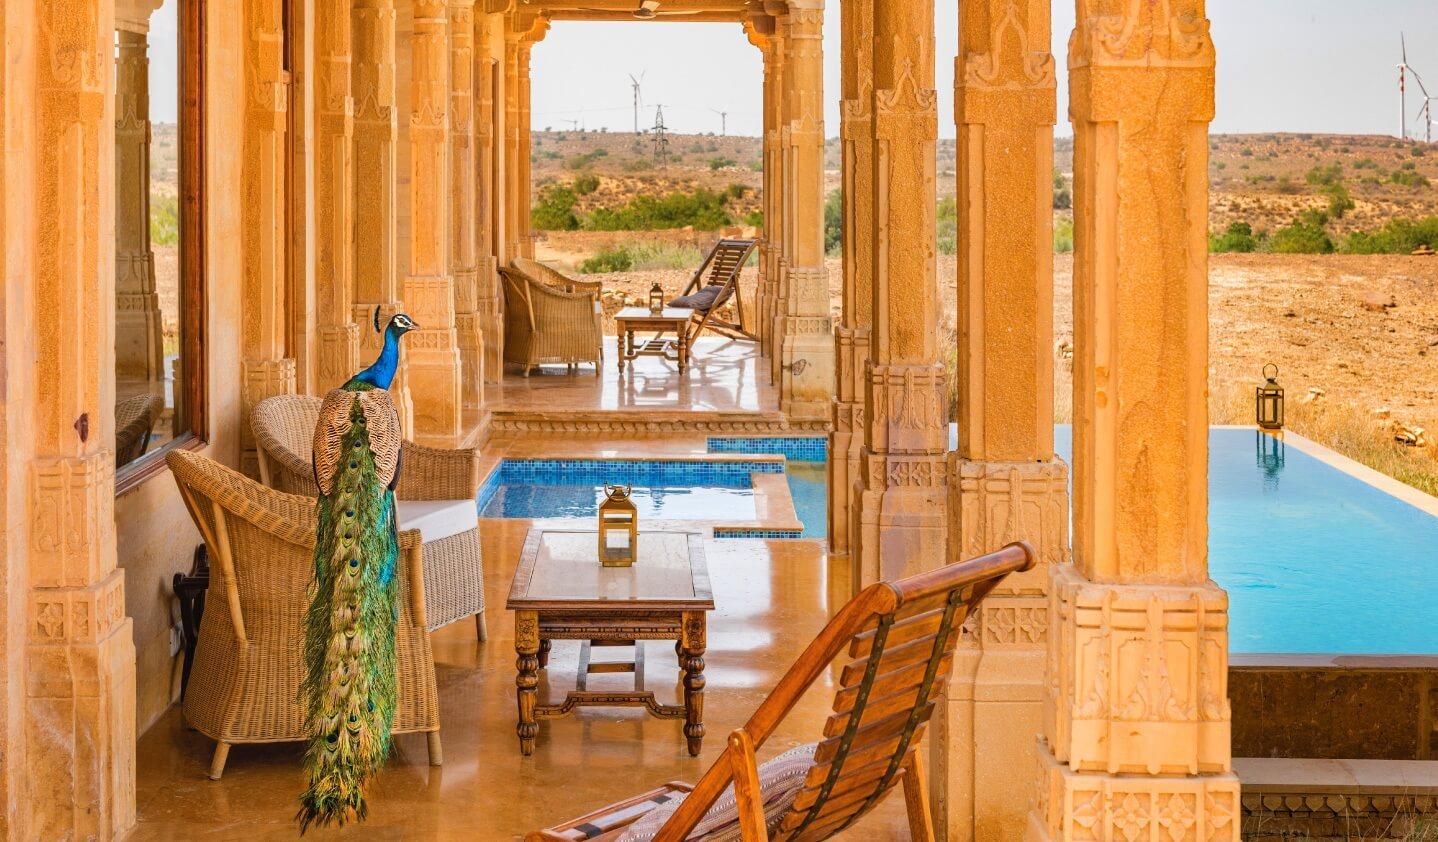 Ein Pfau im Suryagarh, Jaisalmer, Rajasthan